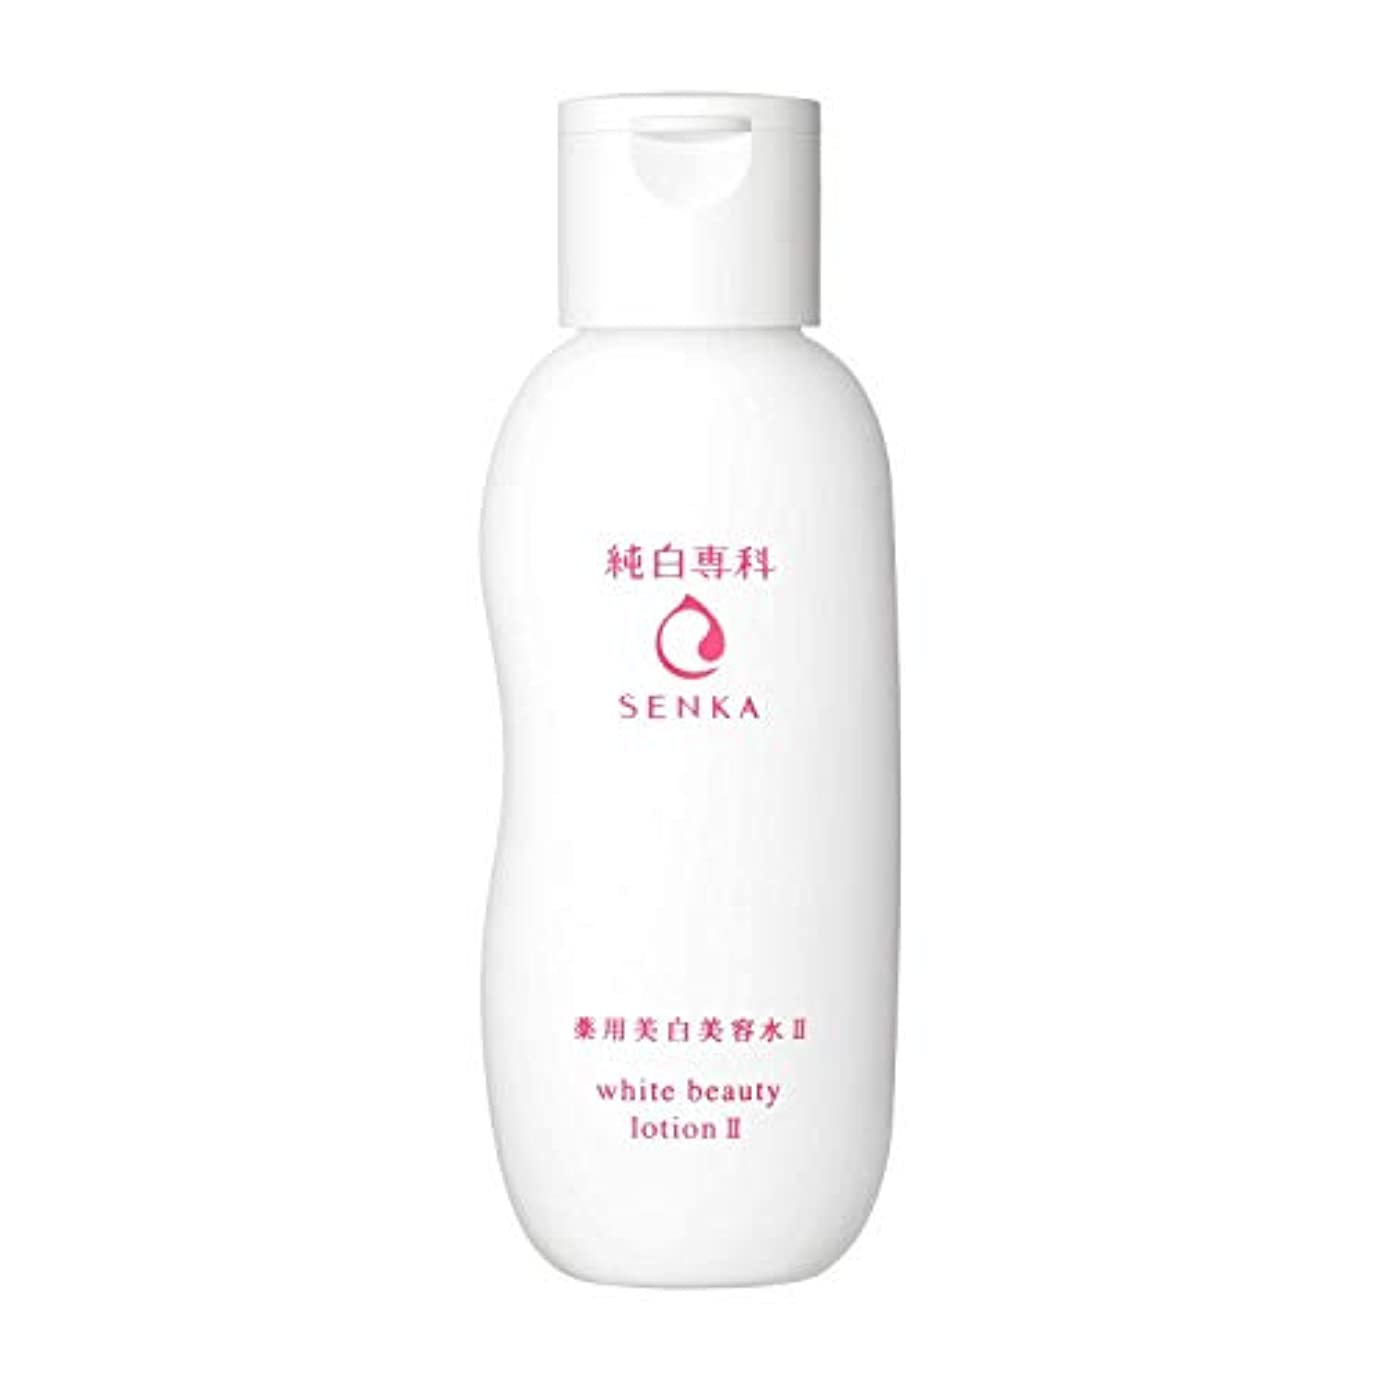 高度な第四公平純白専科 すっぴん美容水II (医薬部外品) 化粧水